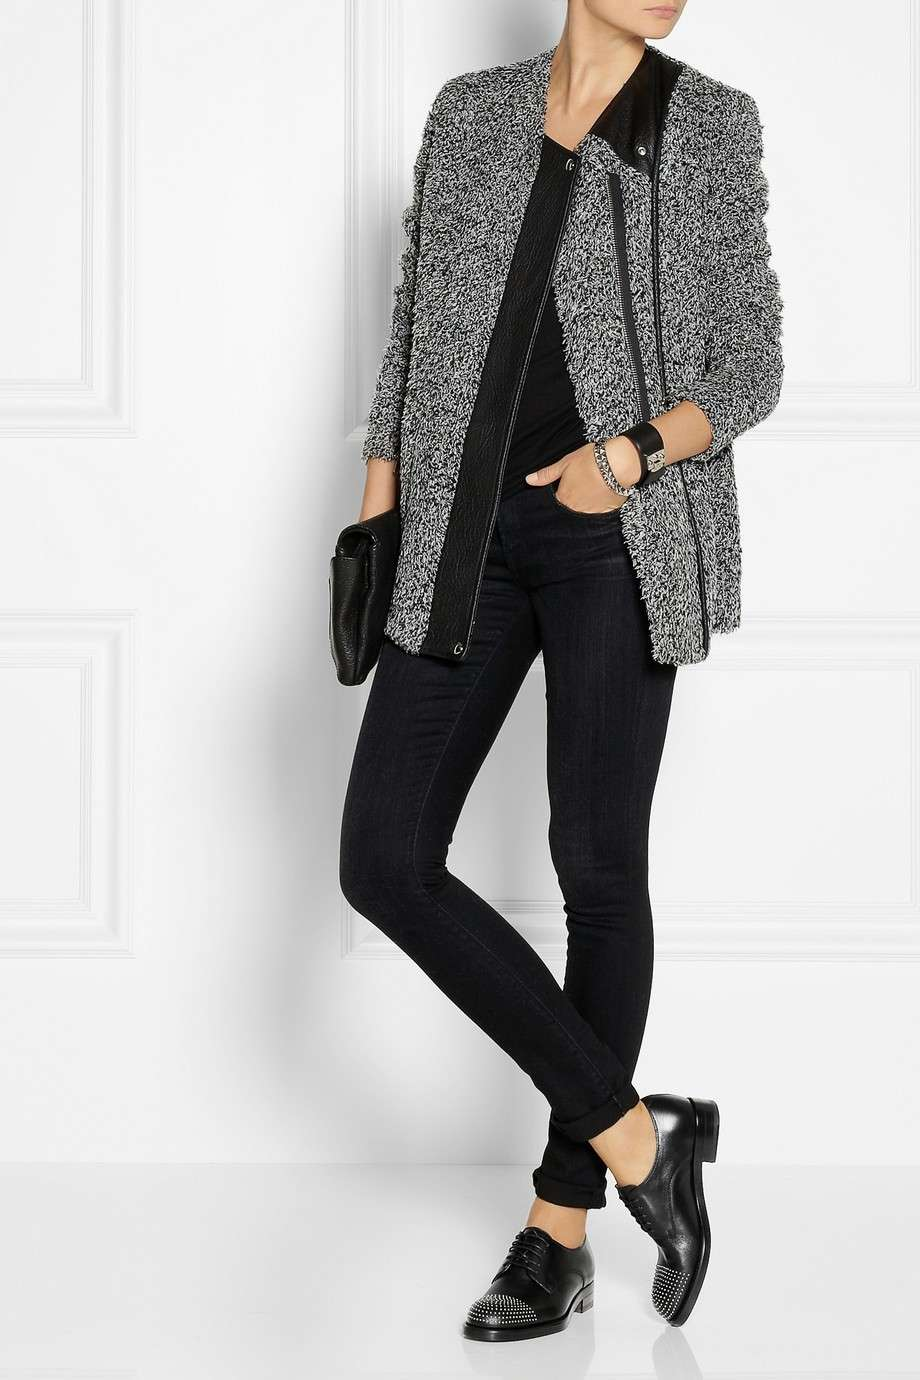 Francesine e jeans neri